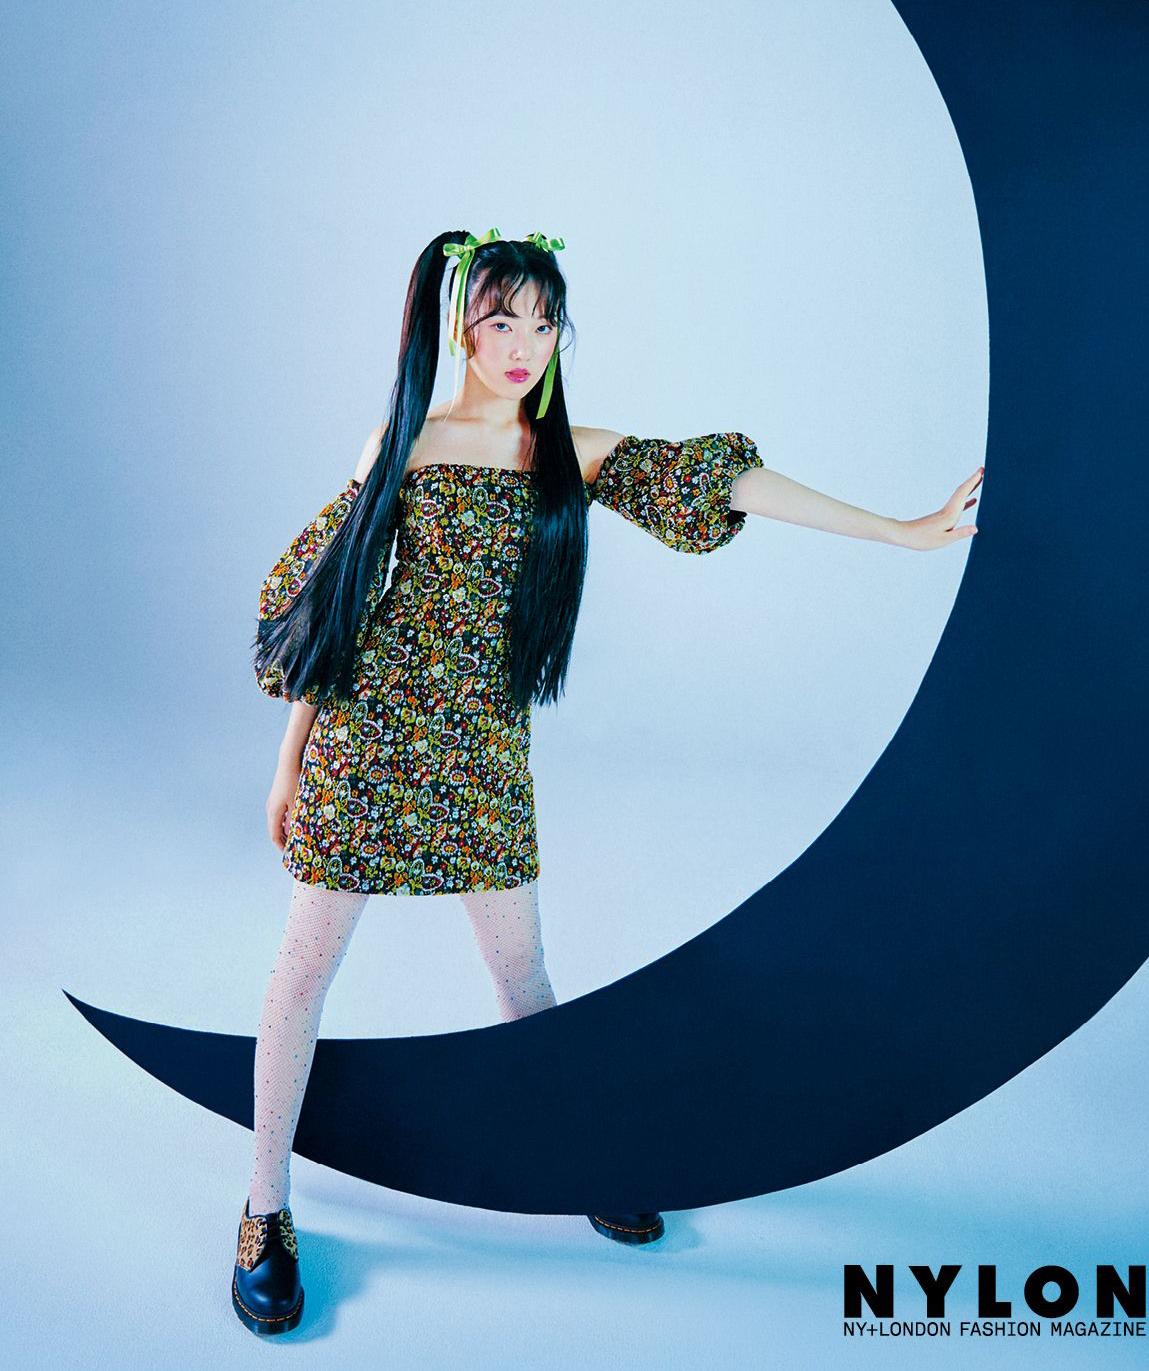 Ye Rin (Gfriend) khác biệt khi để tóc Thủy thủ mặt trăng và diện mẫu váy tay bồng họa tiết của YCH kết hợp với giày cổ thấp của Dr Martens